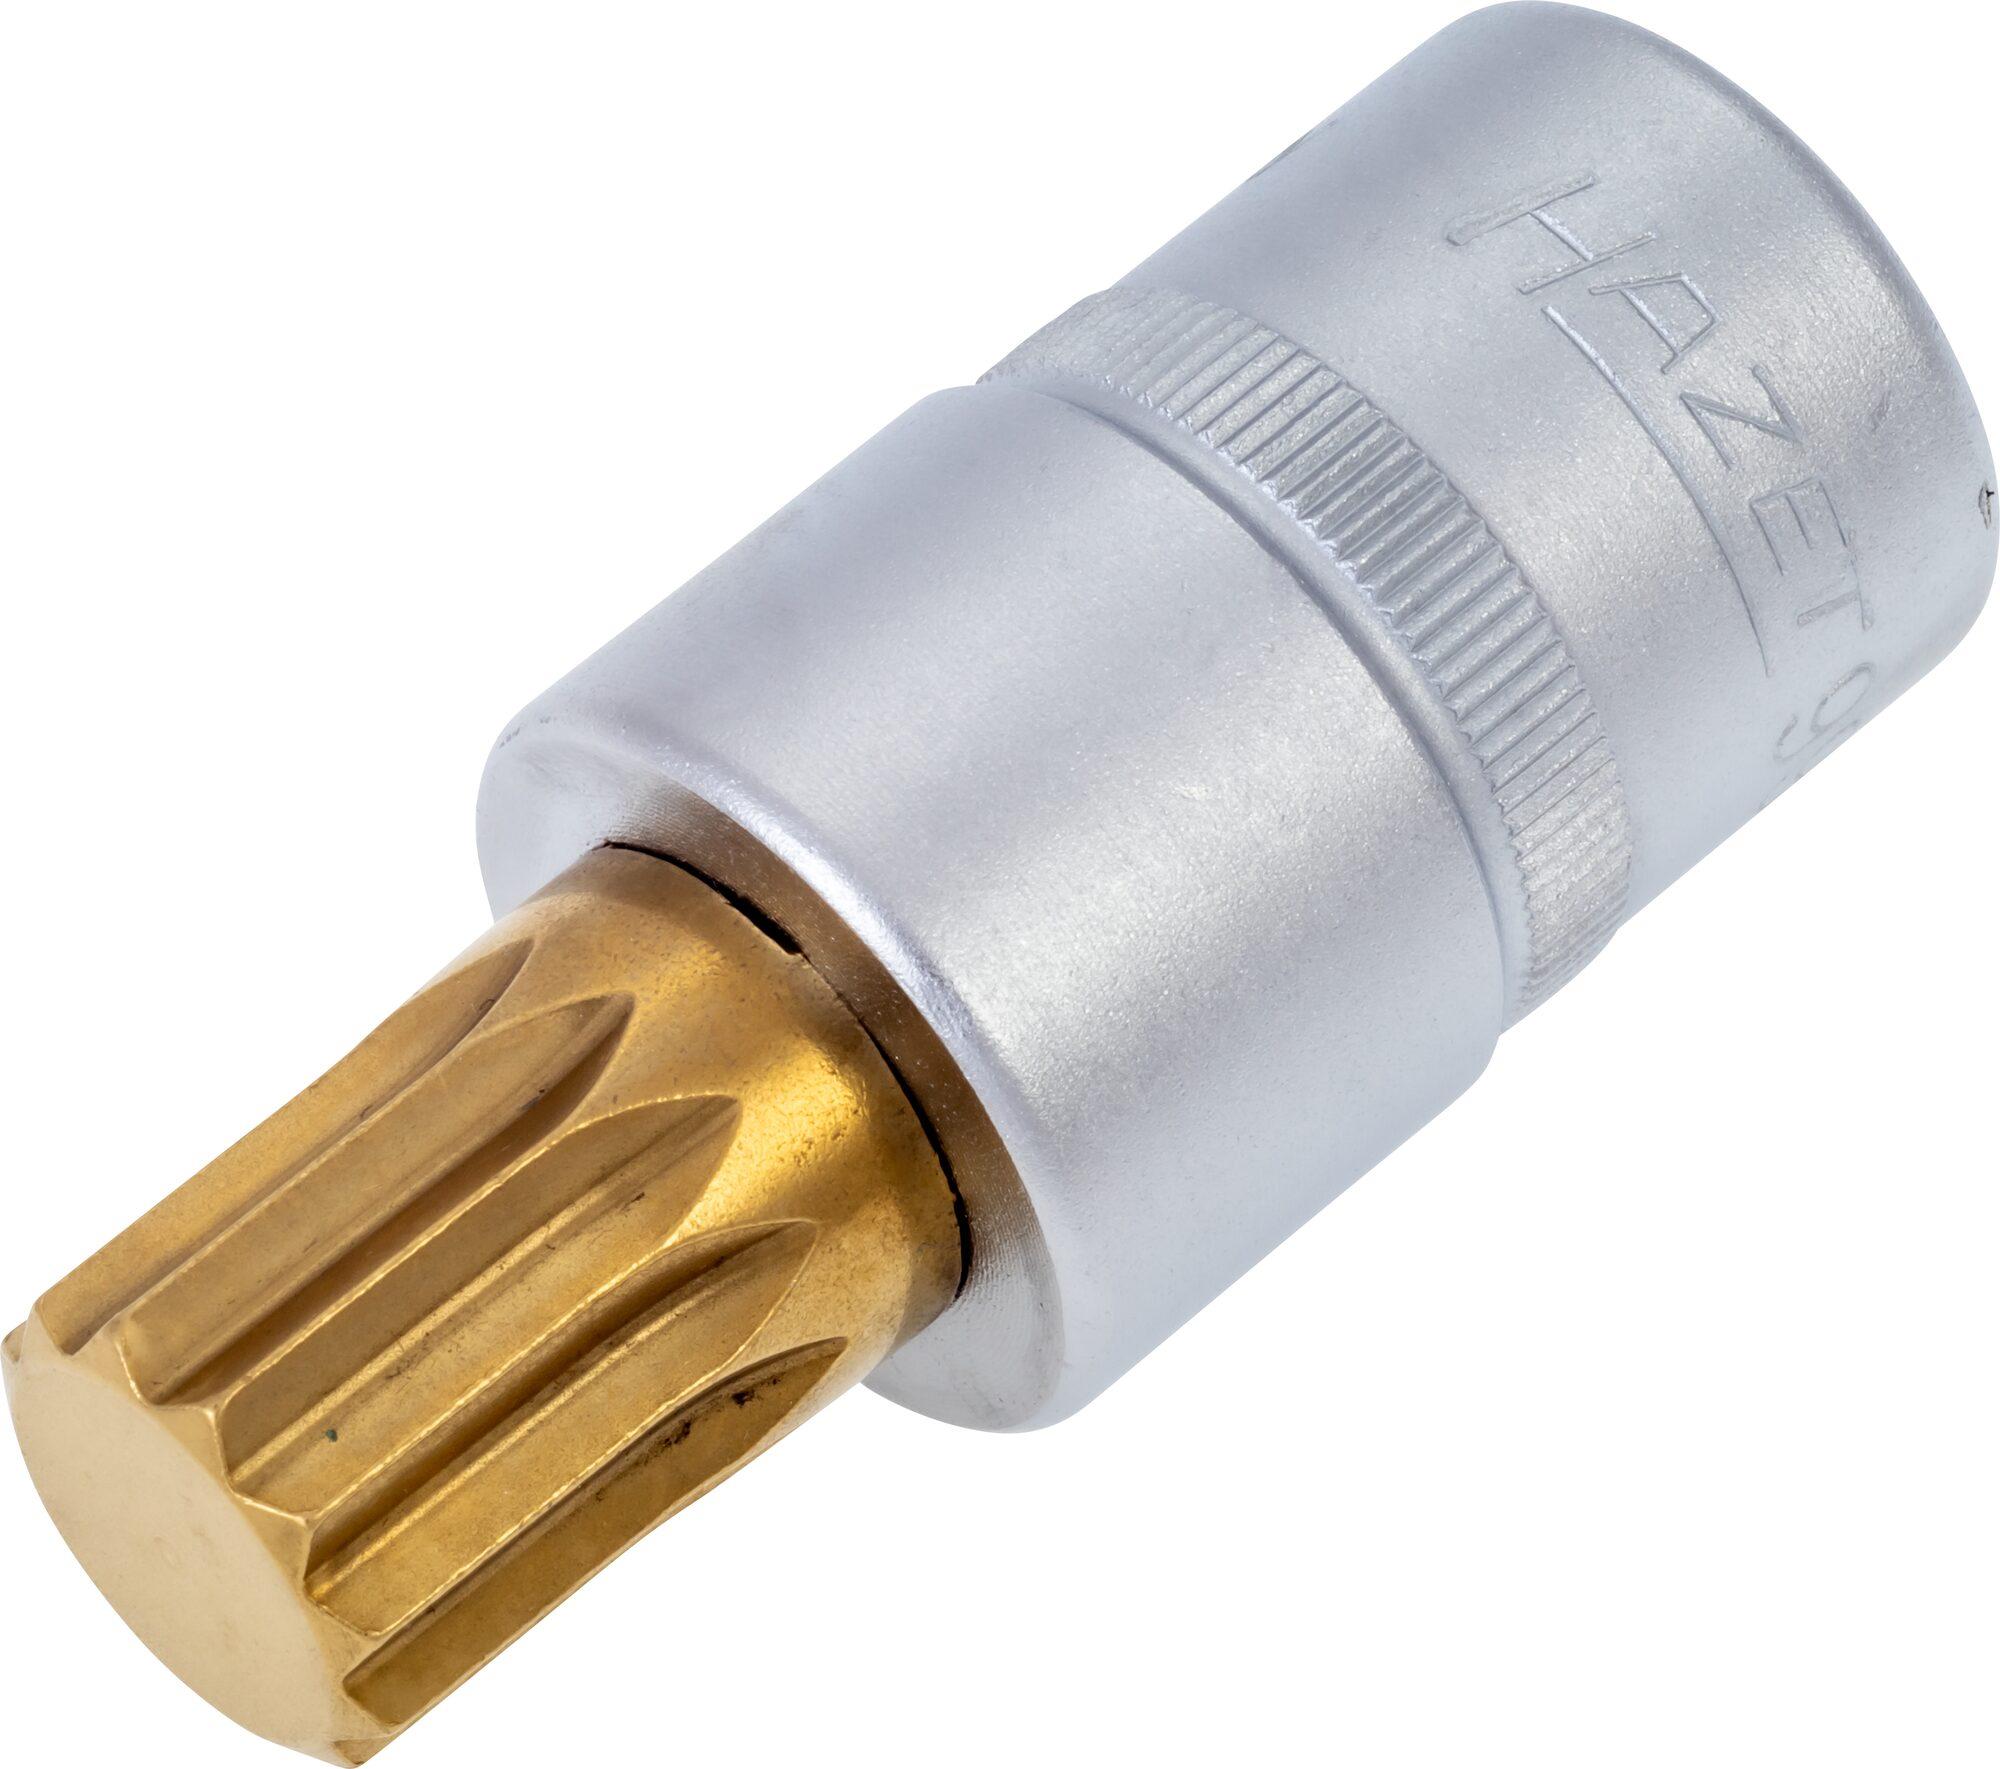 HAZET Schraubendreher-Steckschlüsseleinsatz 990-16 ∙ Vierkant hohl 12,5 mm (1/2 Zoll) ∙ Innen Vielzahn Profil XZN ∙ M16